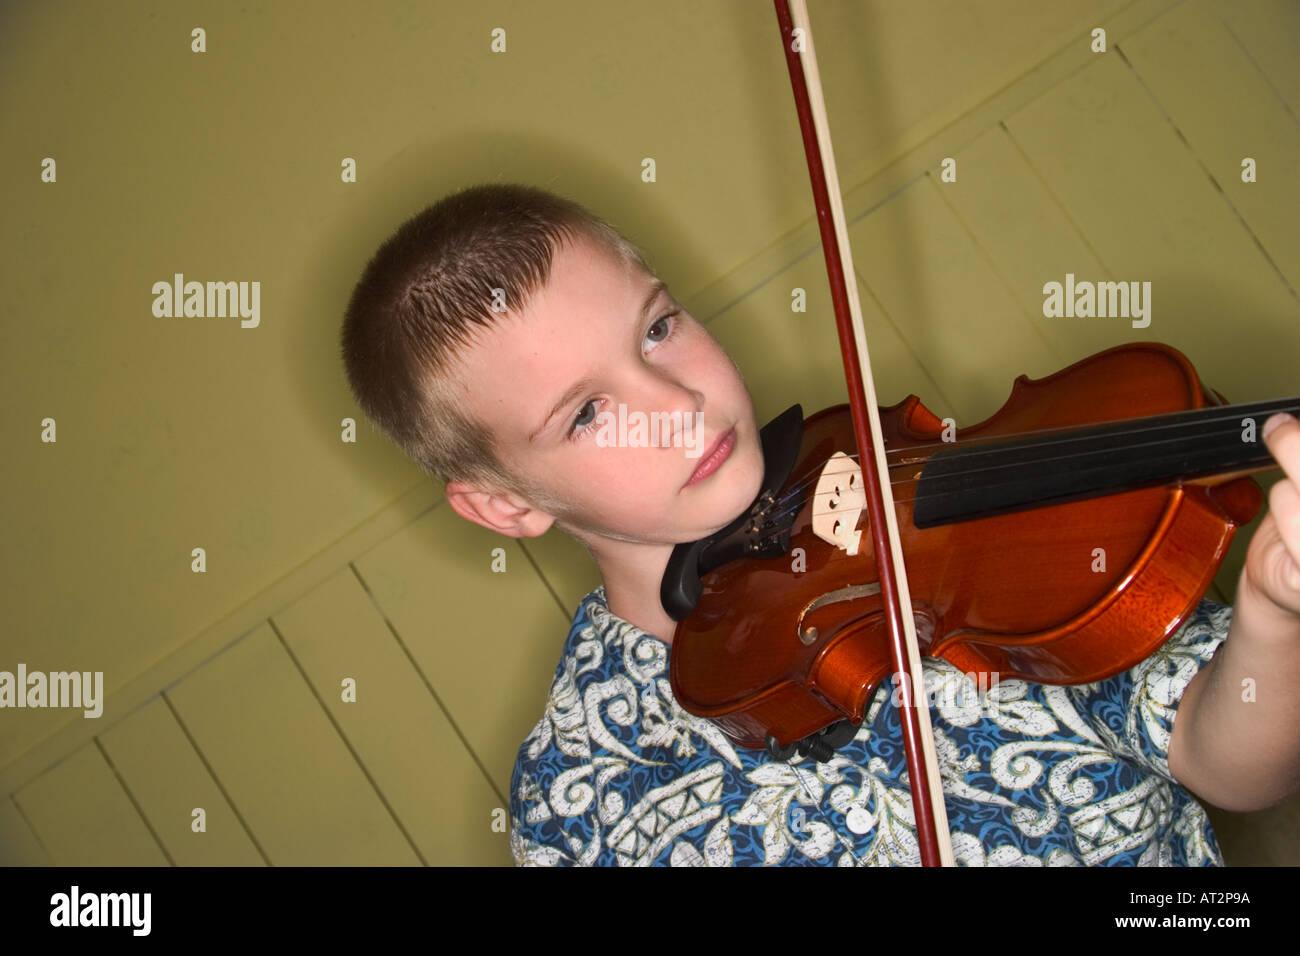 Joven practicando su violín Imagen De Stock